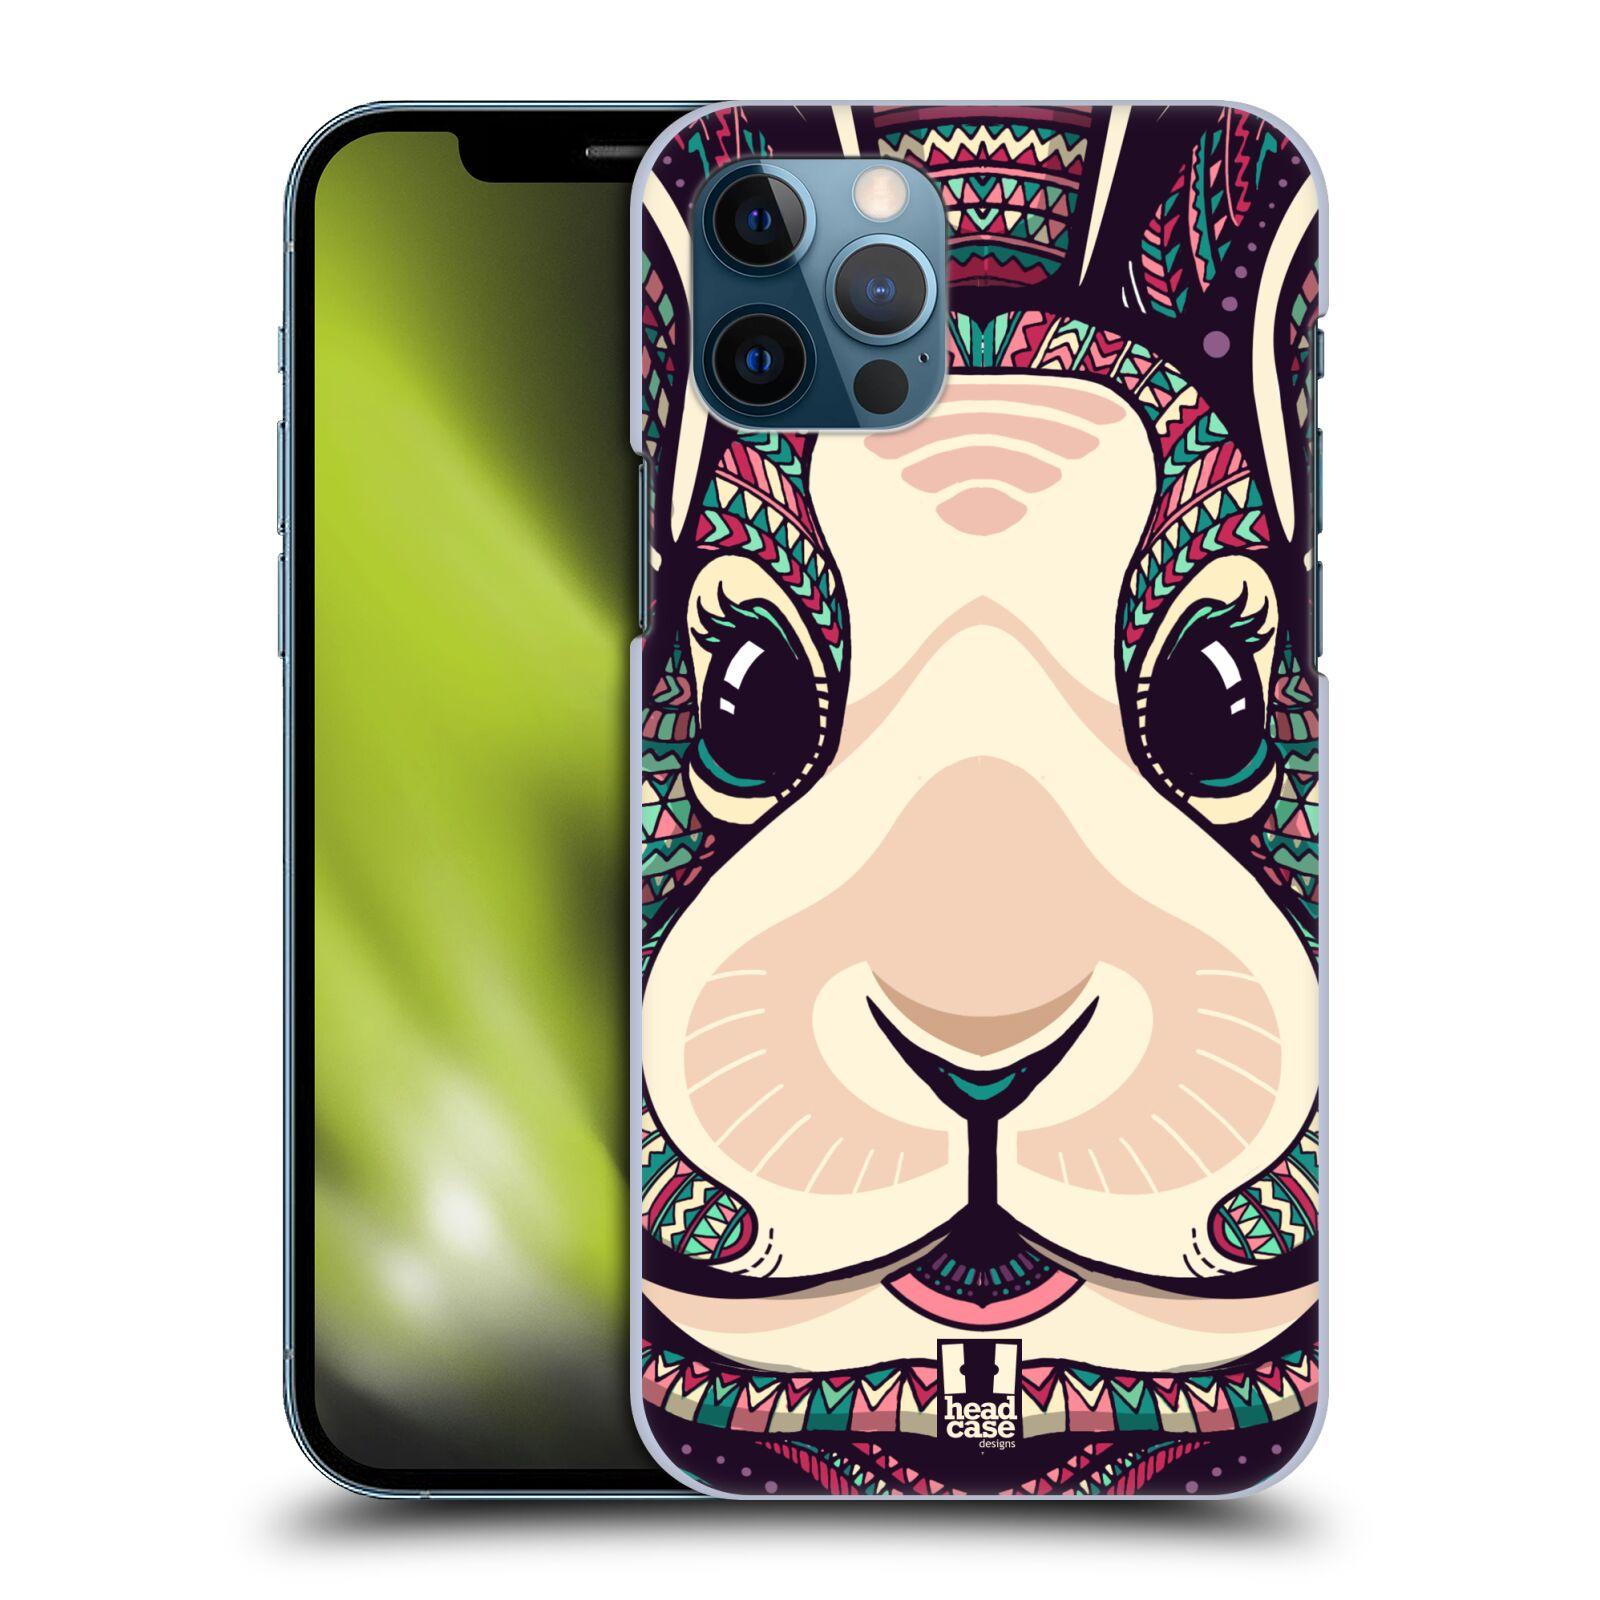 Plastové pouzdro na mobil Apple iPhone 12 / 12 Pro - Head Case - AZTEC ZAJÍČEK